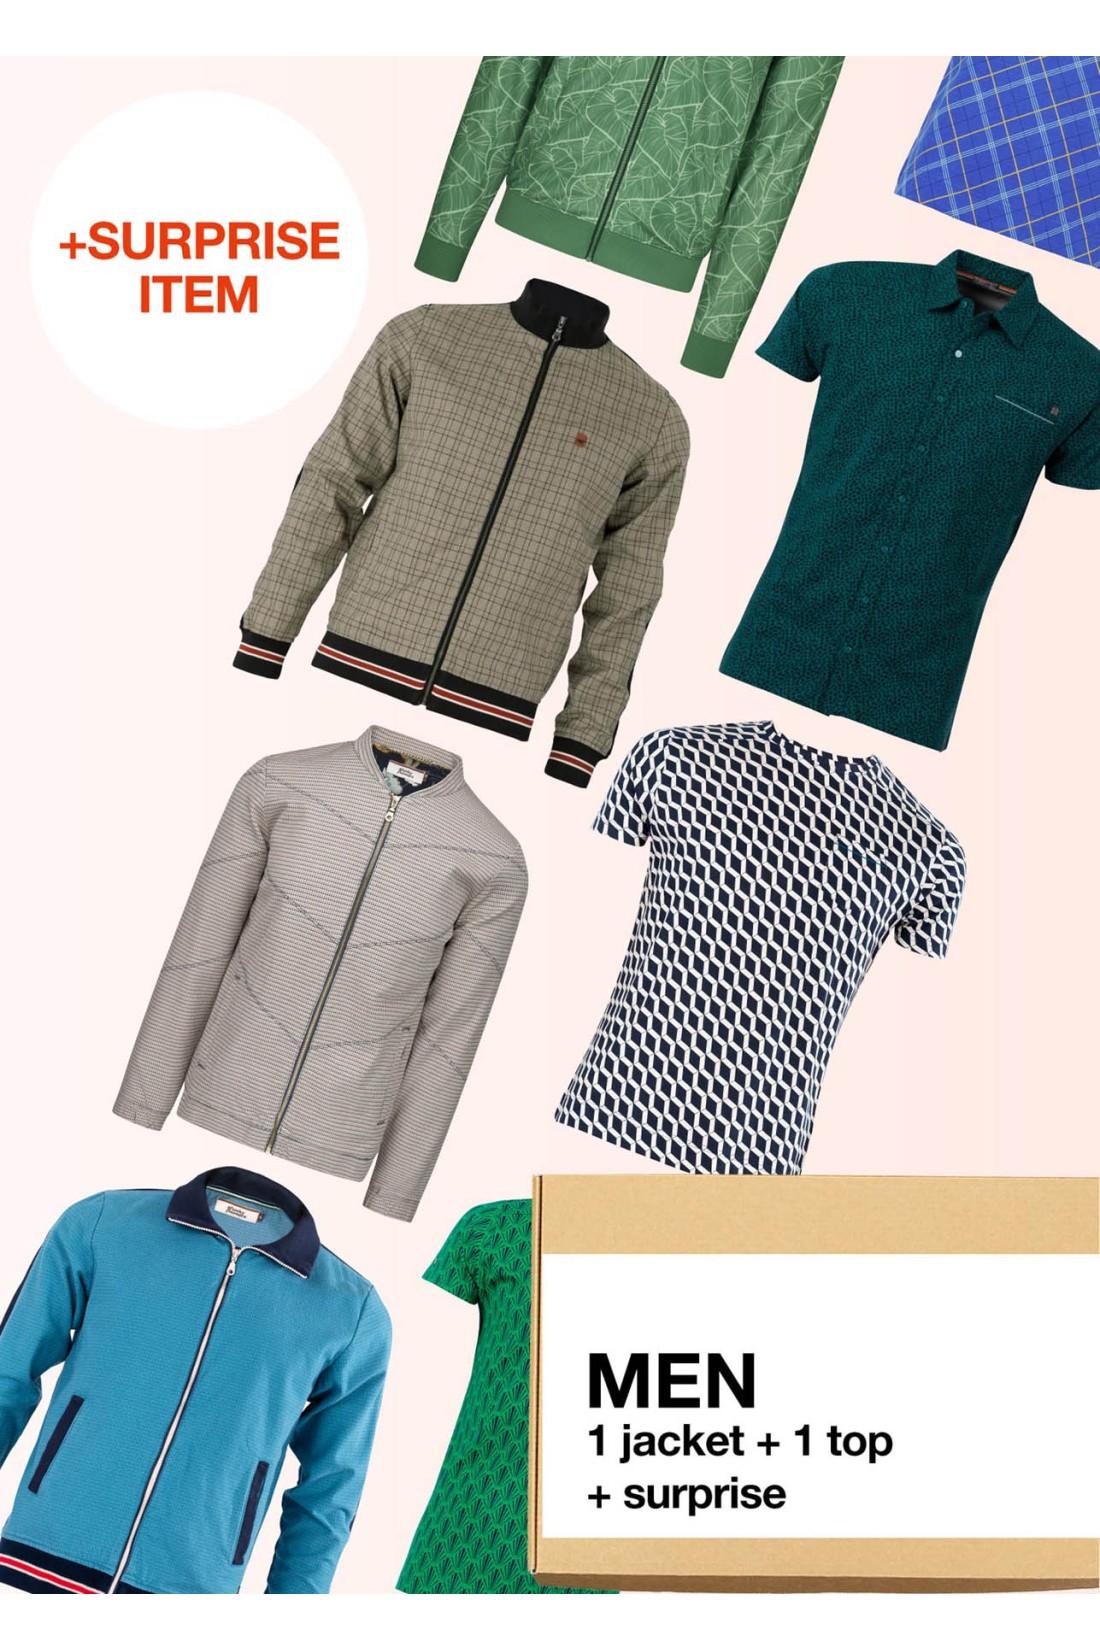 Surprise Box Men - 2 Styles - Jacket + Top Short Sleeve + Surprise